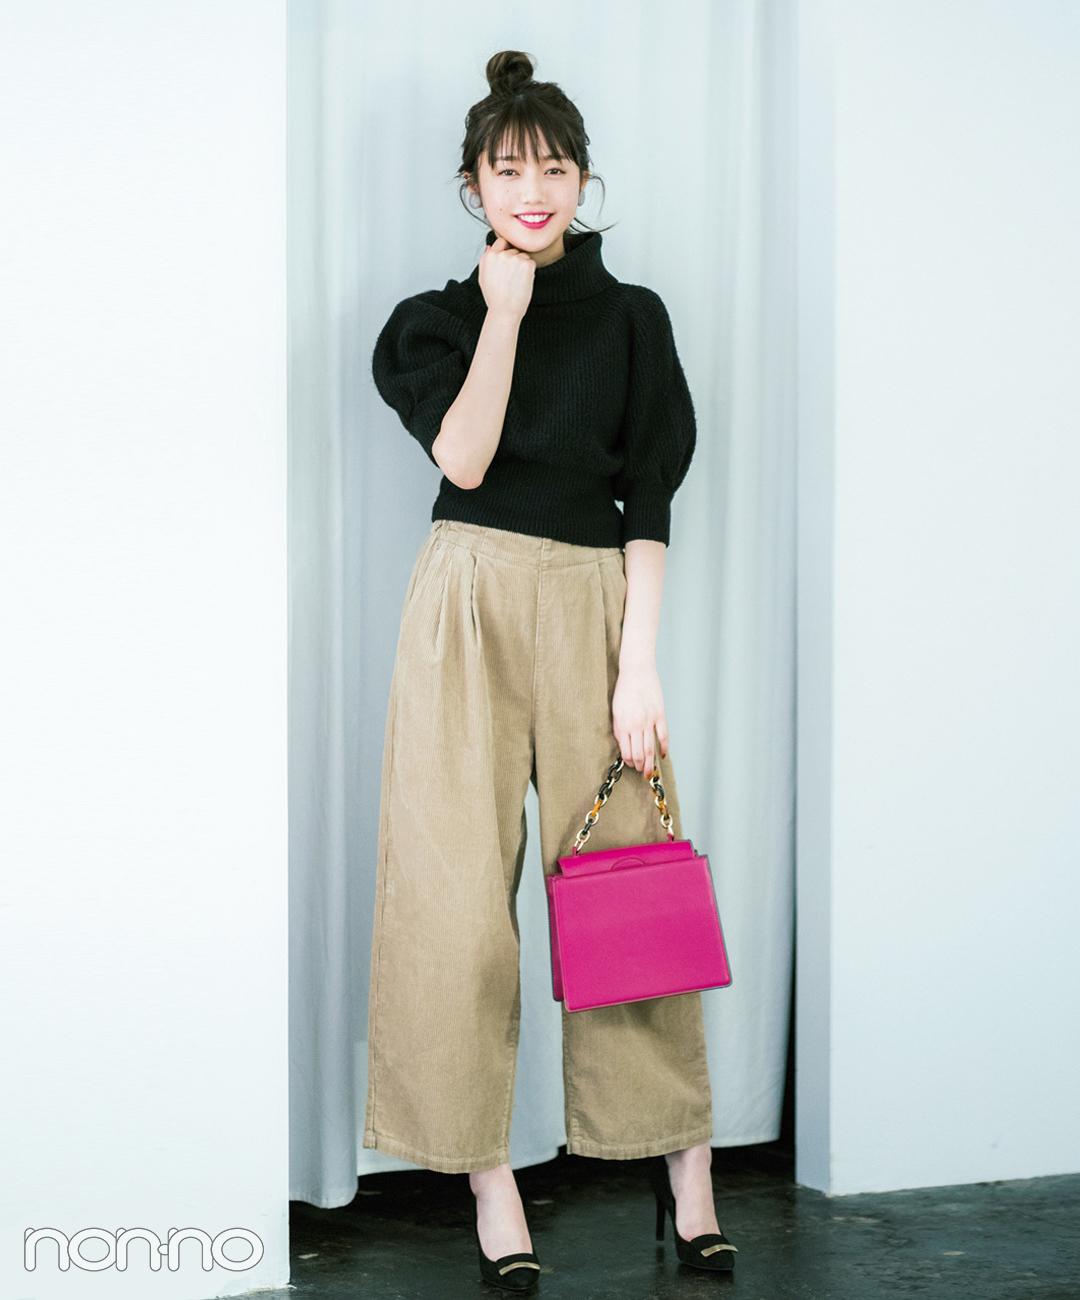 【パンツコーデ】コーデュロイワイドパンツは差し色バッグで女の子らしさ倍増!